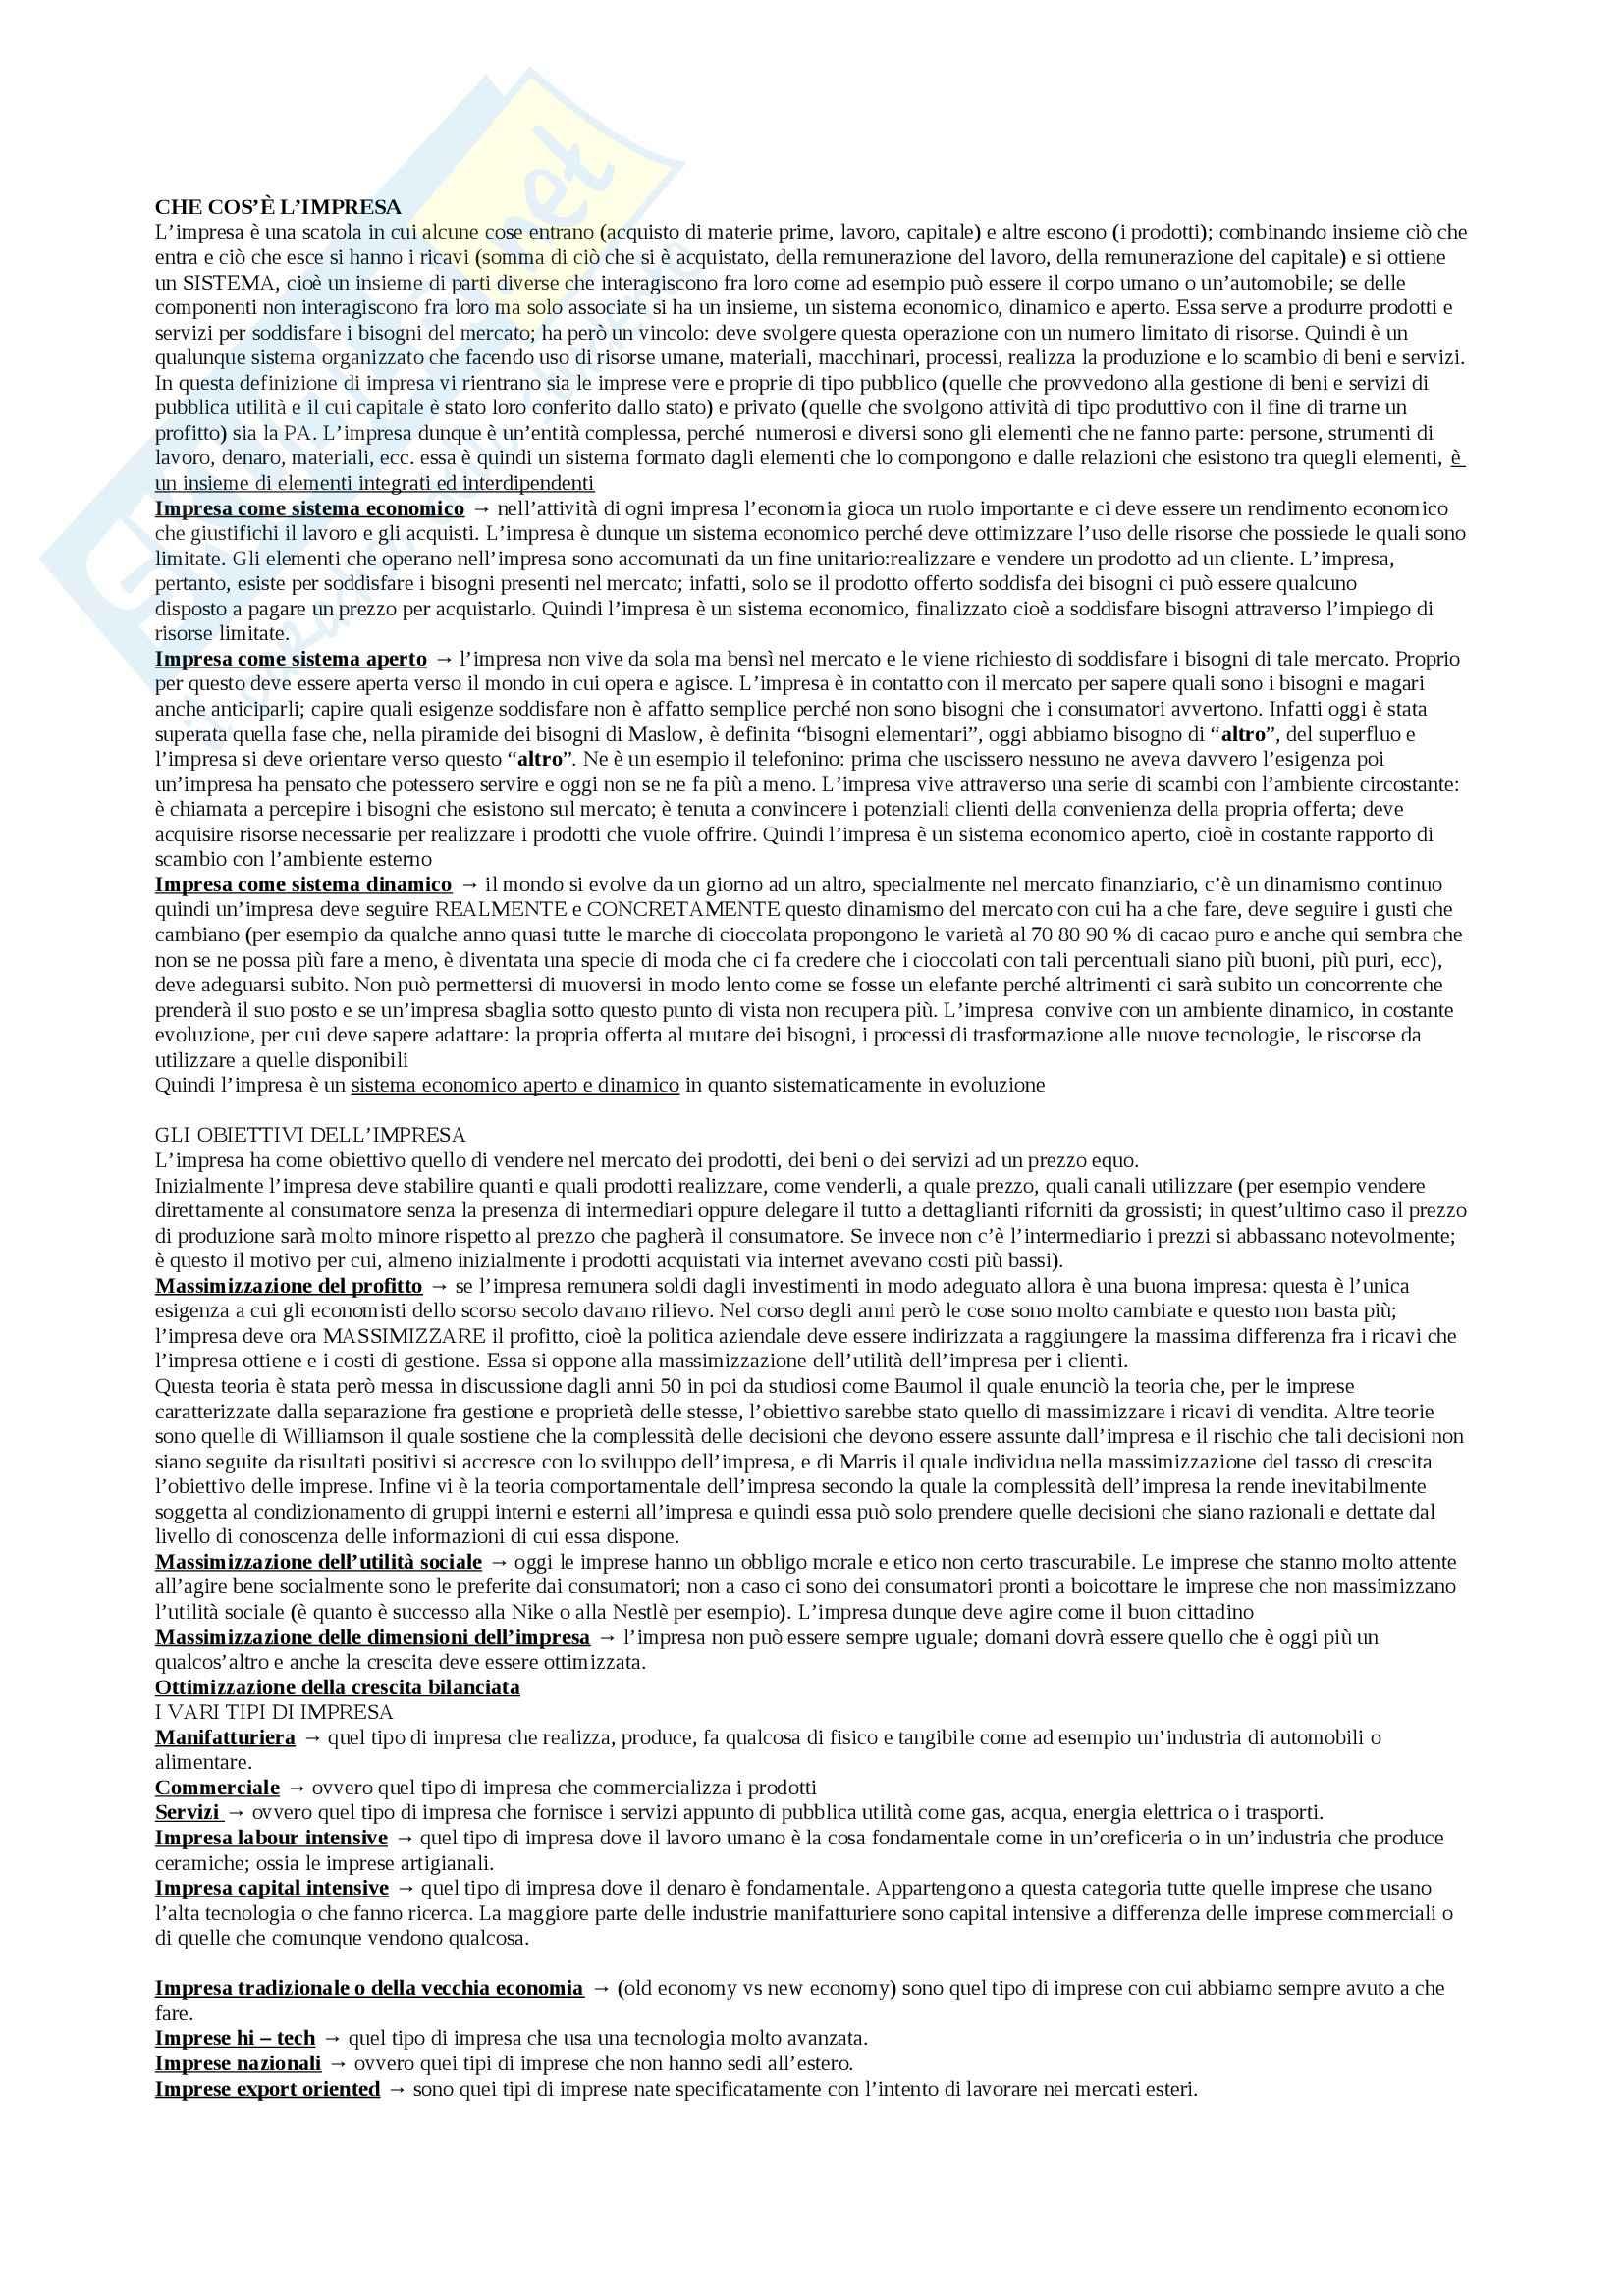 Teorie e tecniche della promozione di immagine - Appunti